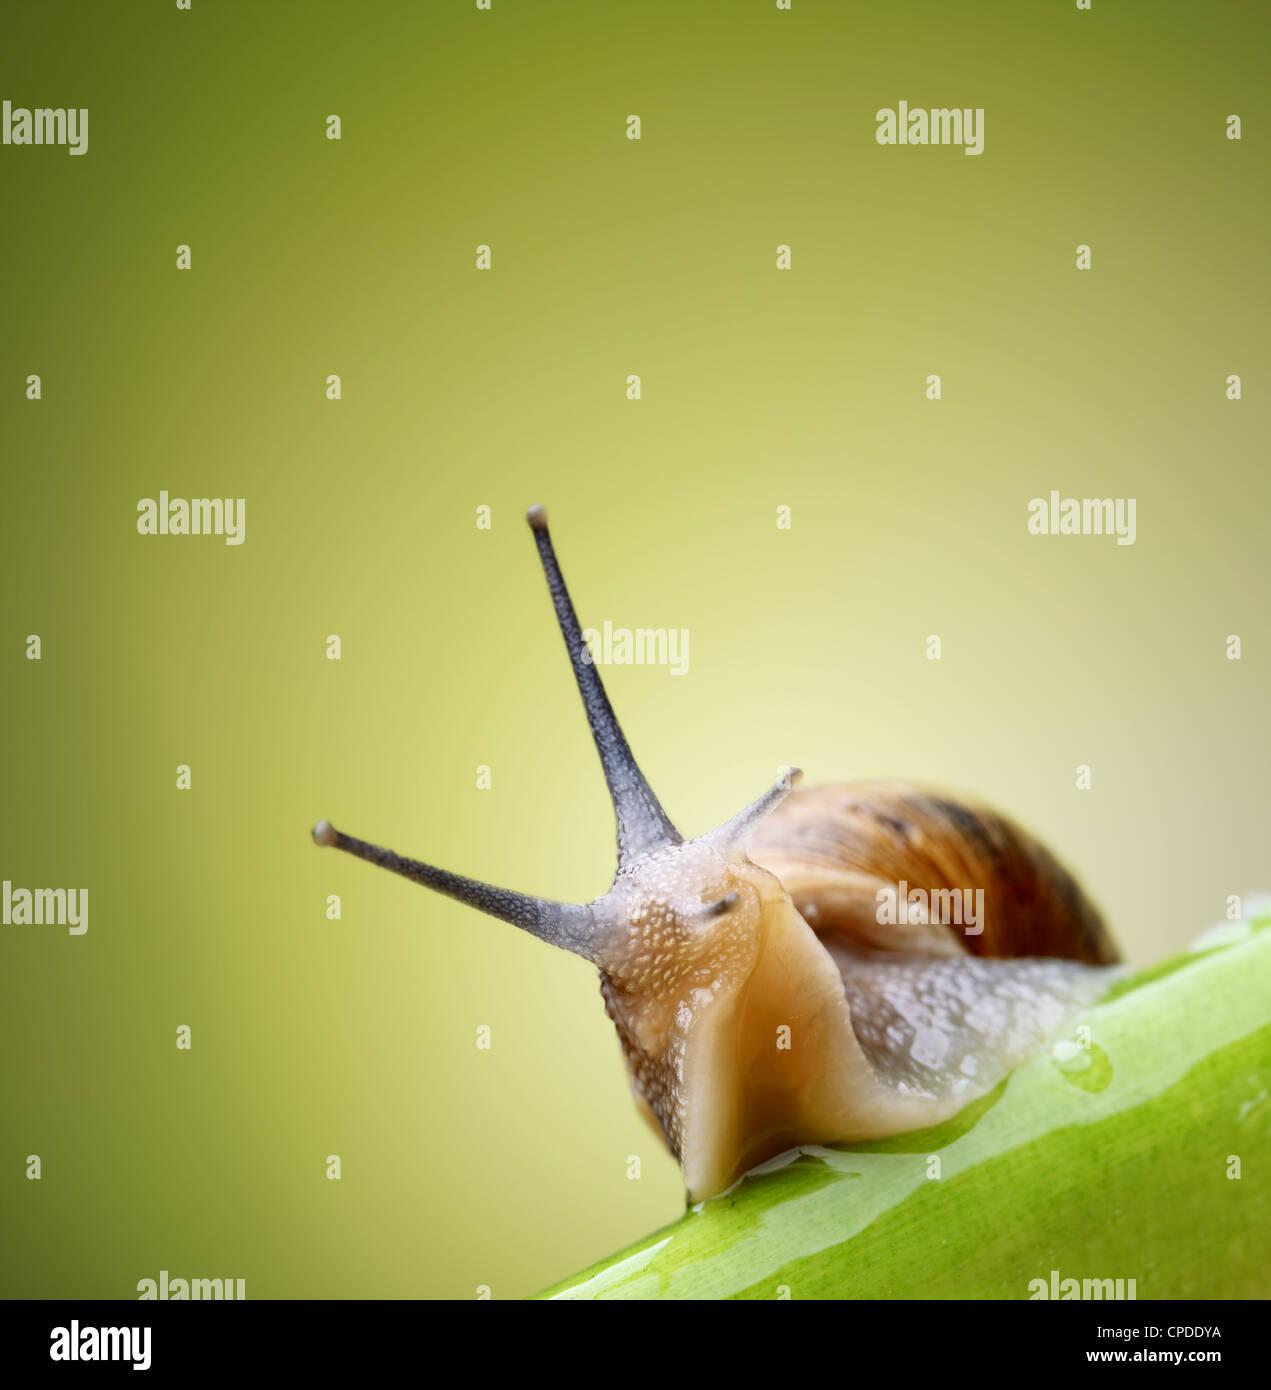 Jardín común caracol arrastrándose en tallo verde de planta Foto de stock